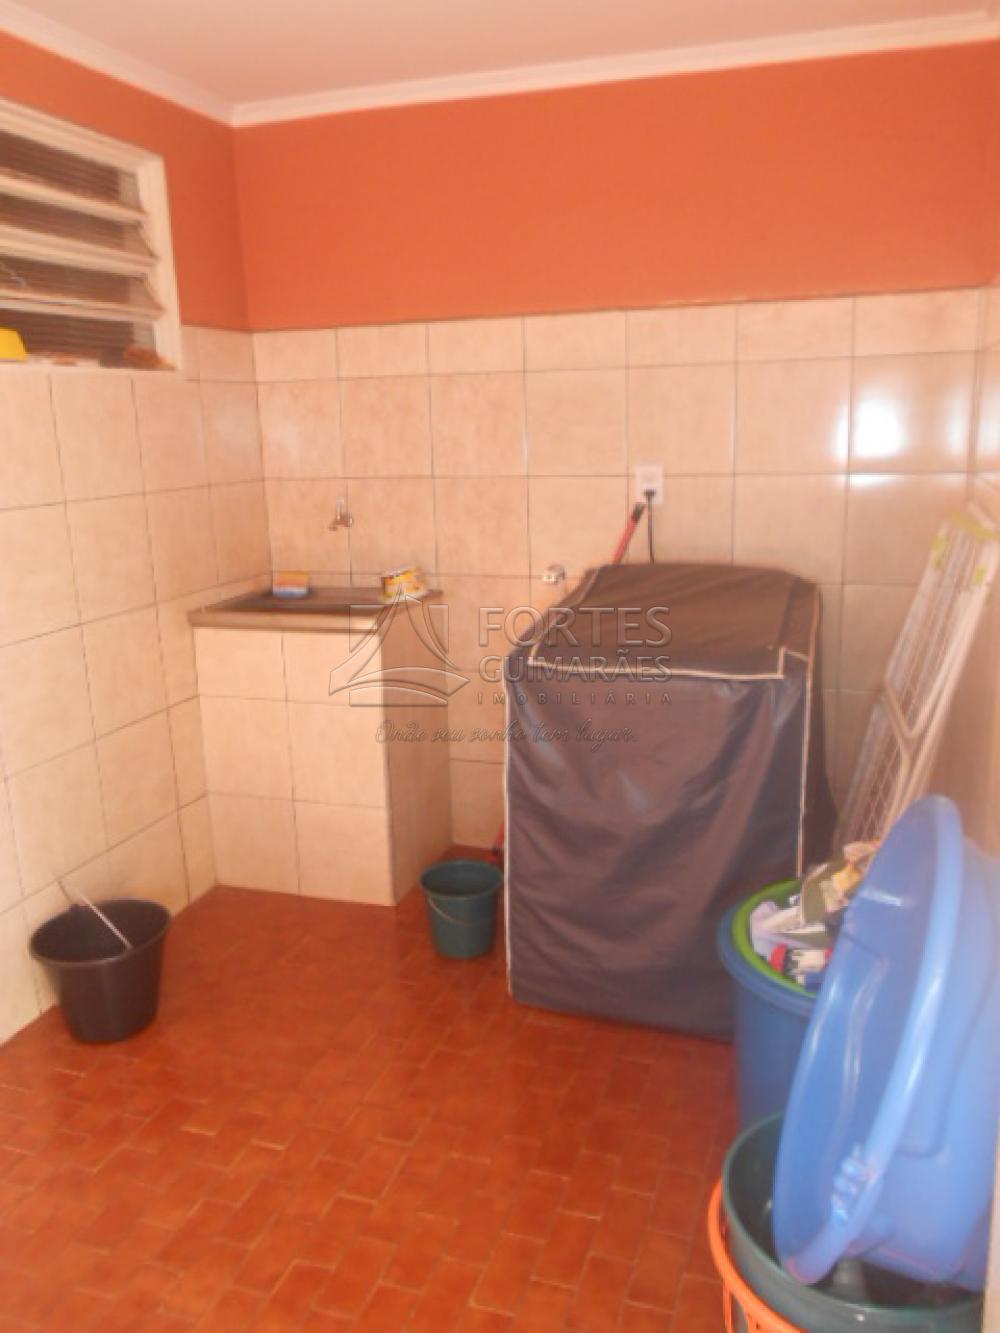 Alugar Casas / Padrão em Ribeirão Preto apenas R$ 2.000,00 - Foto 34